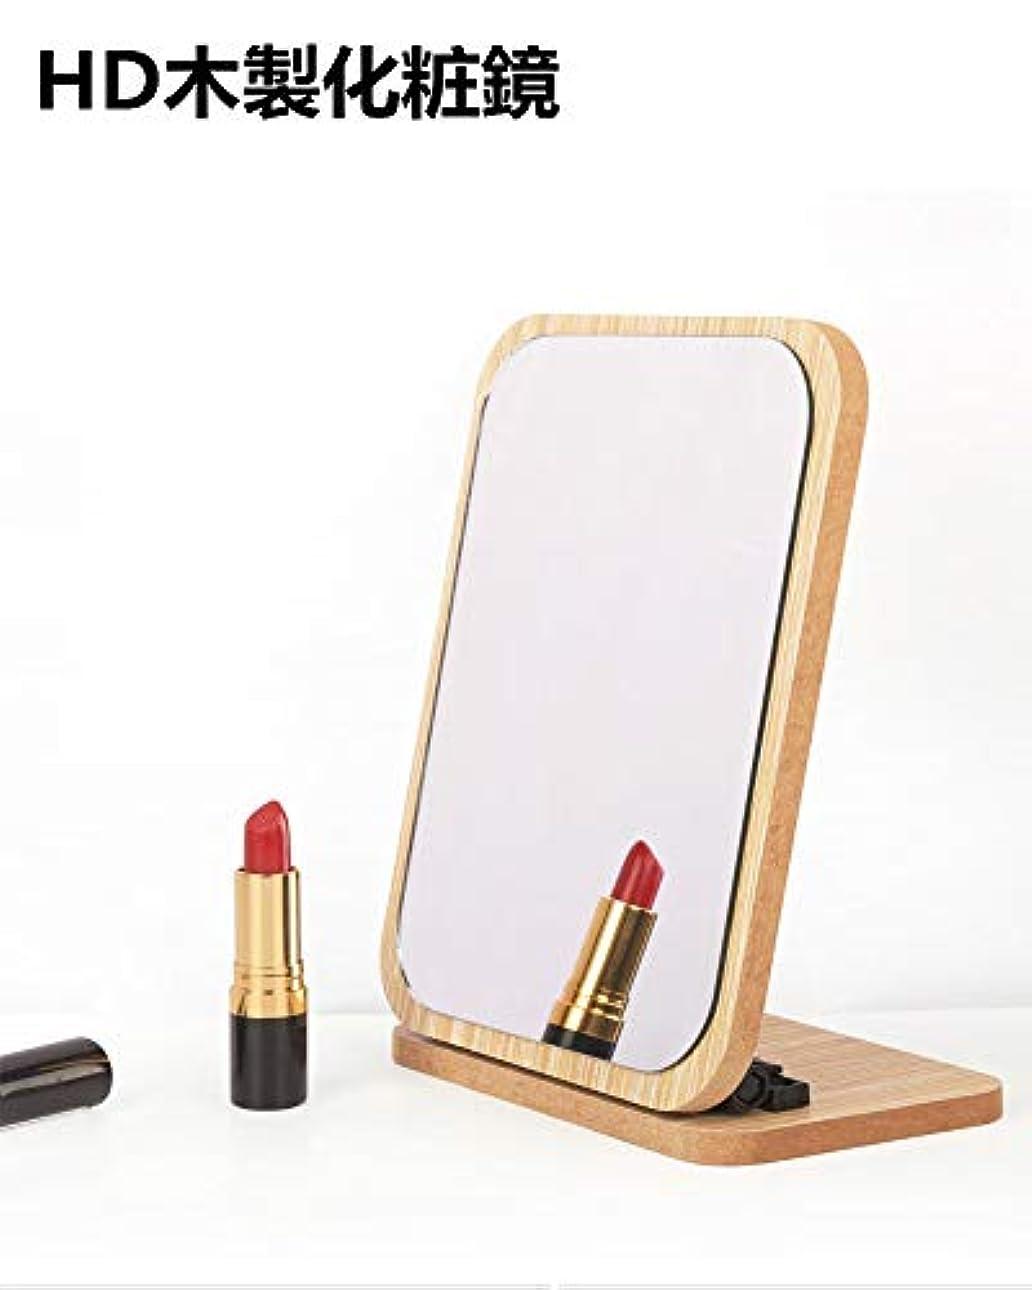 誤解嫌がるうまれた鏡 卓上 化粧鏡 ウッドスタンドミラー 木目 HD木製化粧鏡 90度回転 角度調整 折りたたみ式